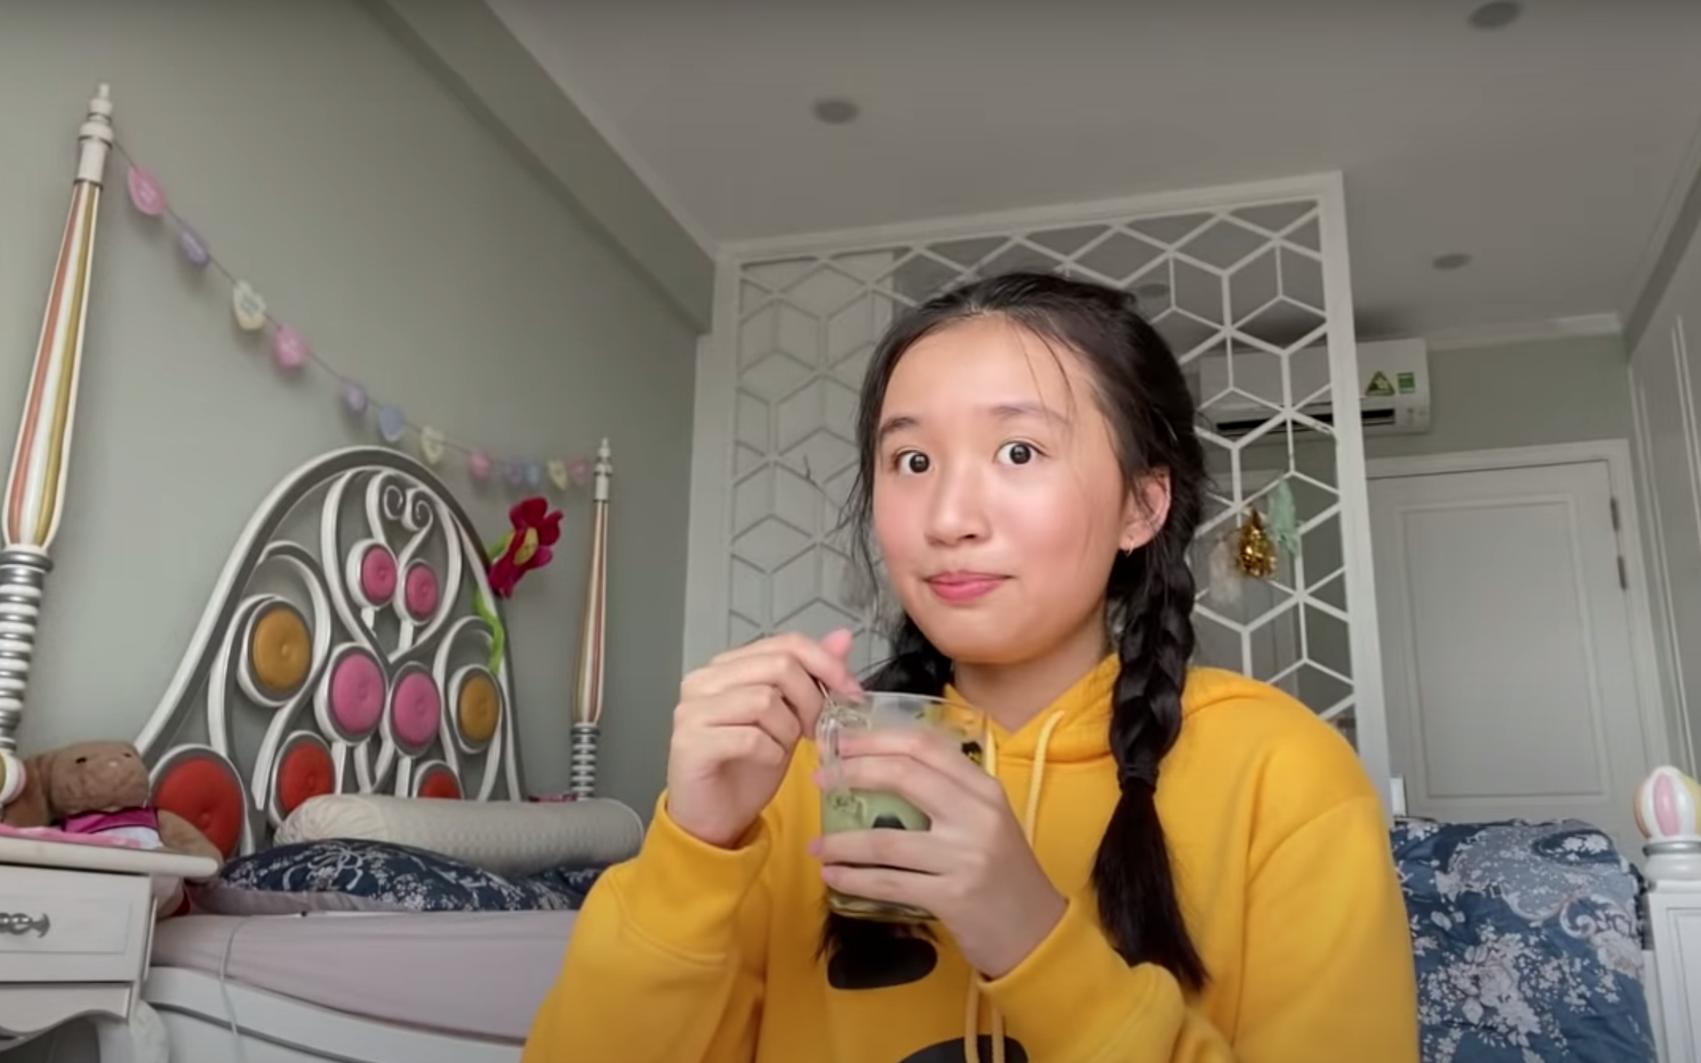 """Mặt mộc siêu xinh của Jenny Huỳnh - Youtuber 15 tuổi """"quá là sến"""" đang được dân mạng rất cưng"""